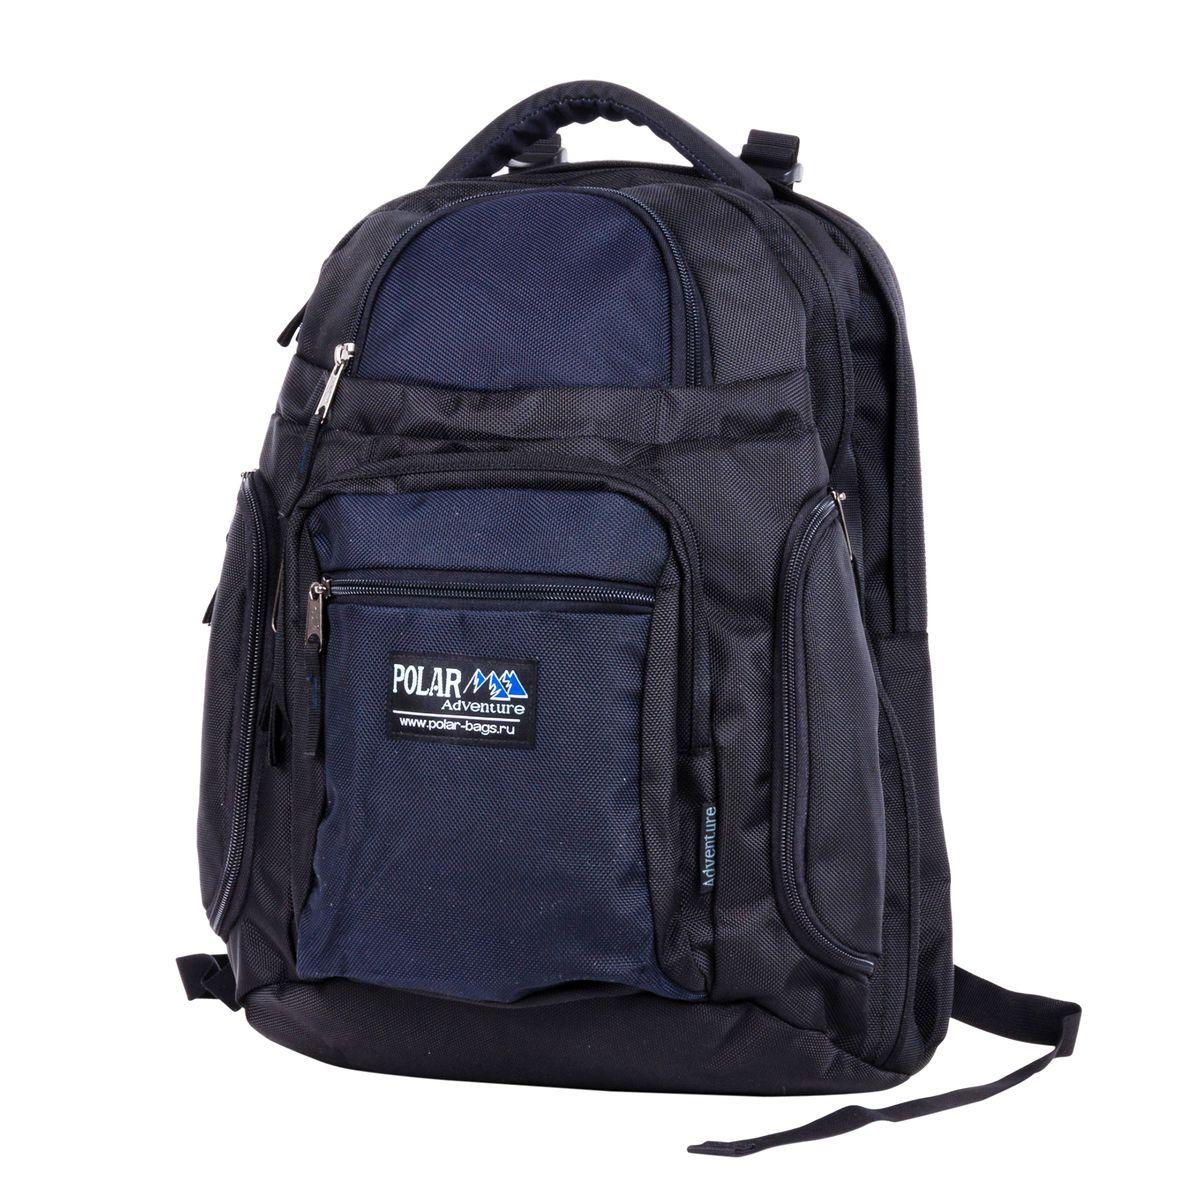 Рюкзак городской Polar, 35,5 л, цвет: синий. П1063-04